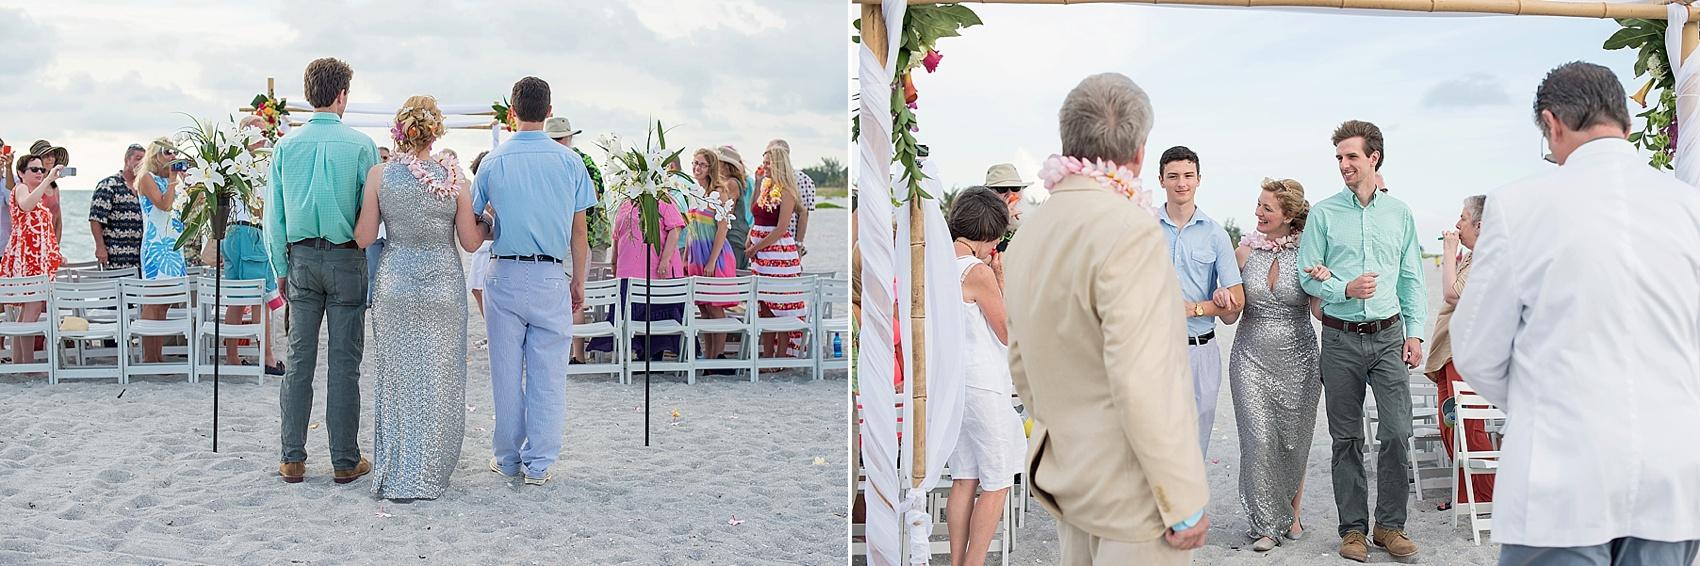 Captiva Island wedding beach ceremony. Photos by Mikkel Paige Photography.